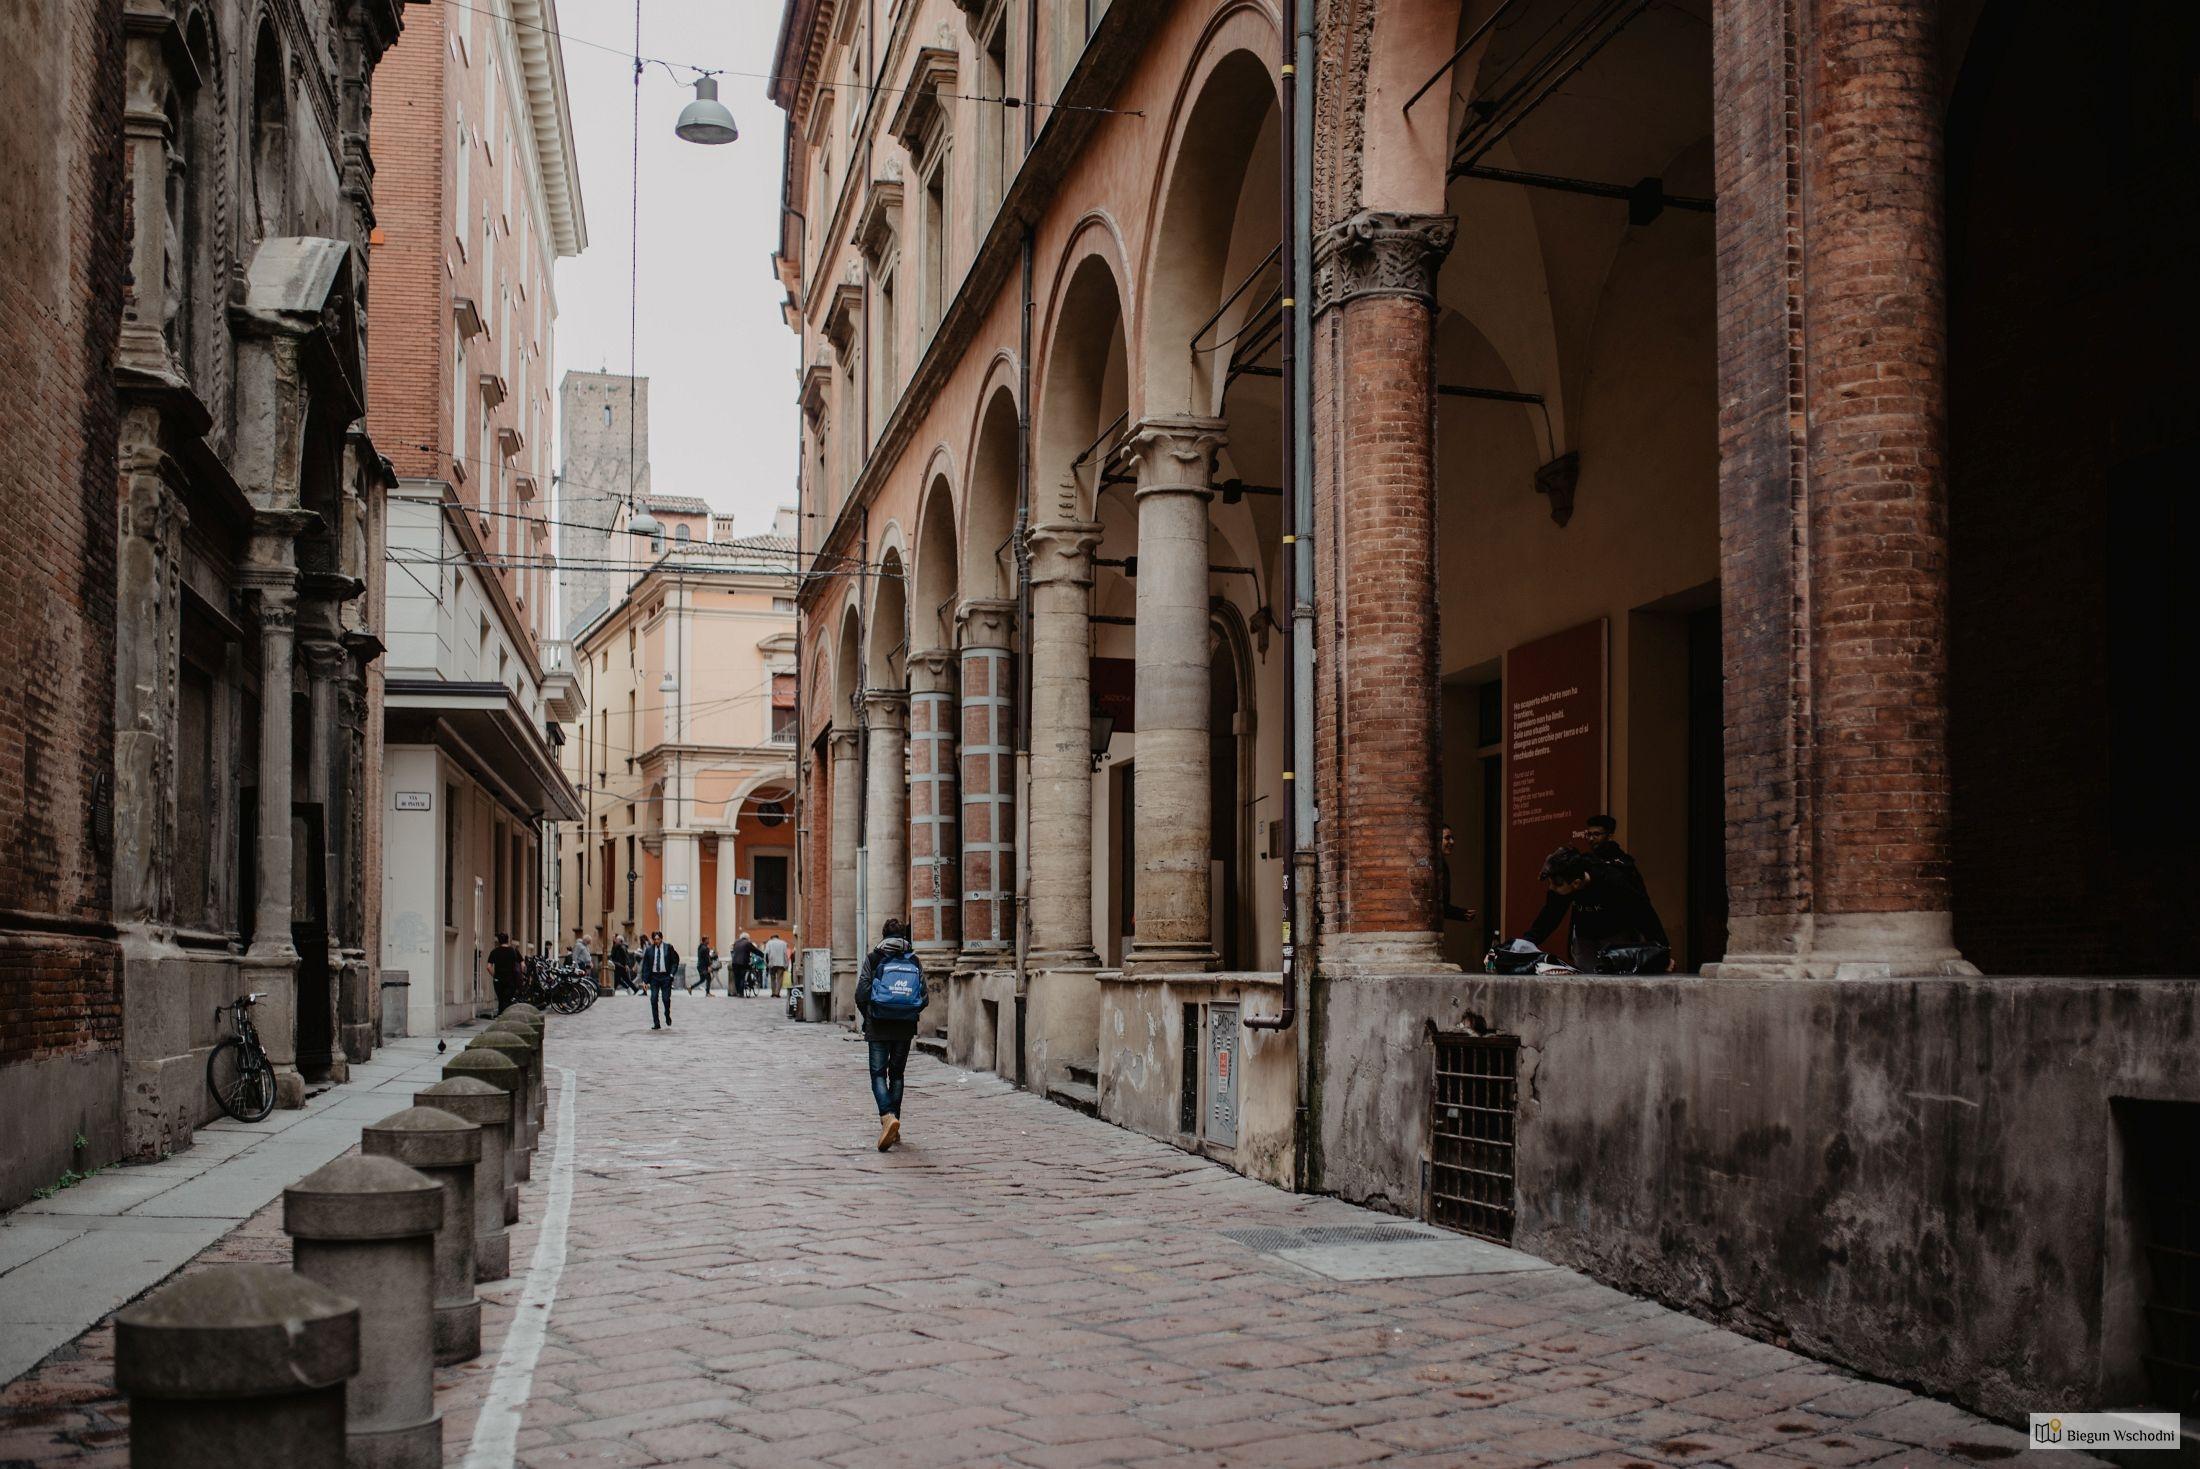 Włochy, Bolonia. Co zobaczyć, atrakcje turystyczne, spacer po Bolonii